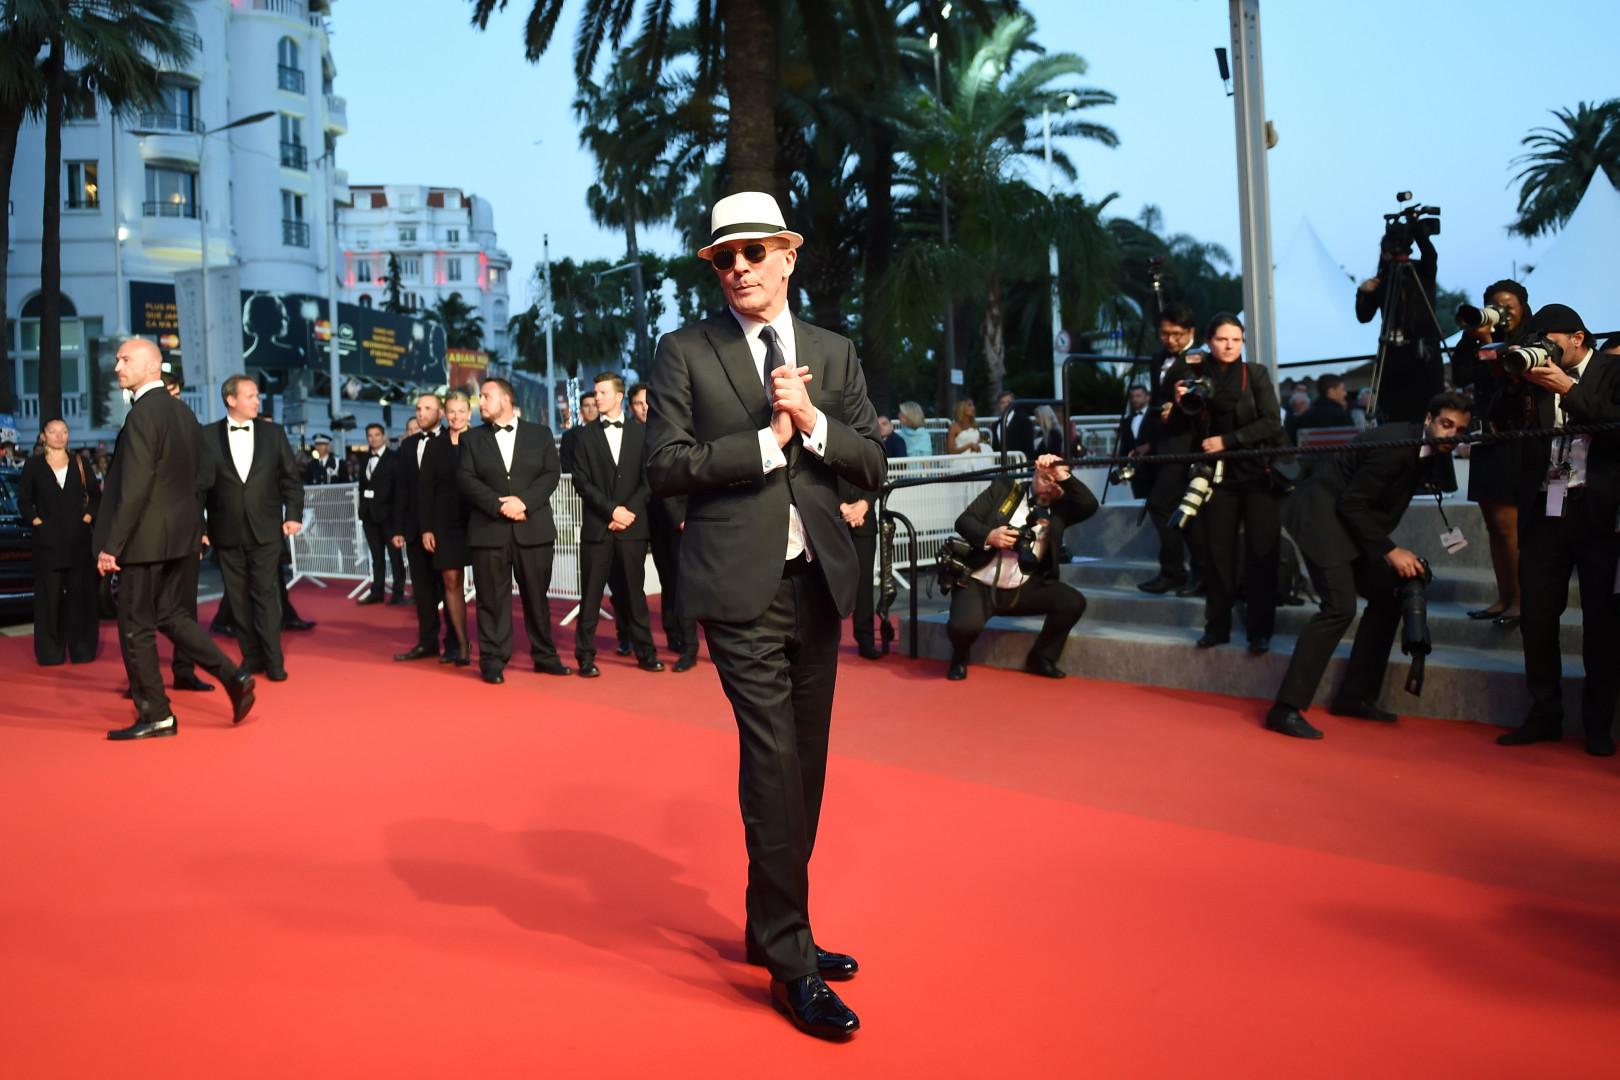 Un film réalisé par Jacques Audiard, qui a fait sensation avec son chapeau blanc et ses lunettes noires